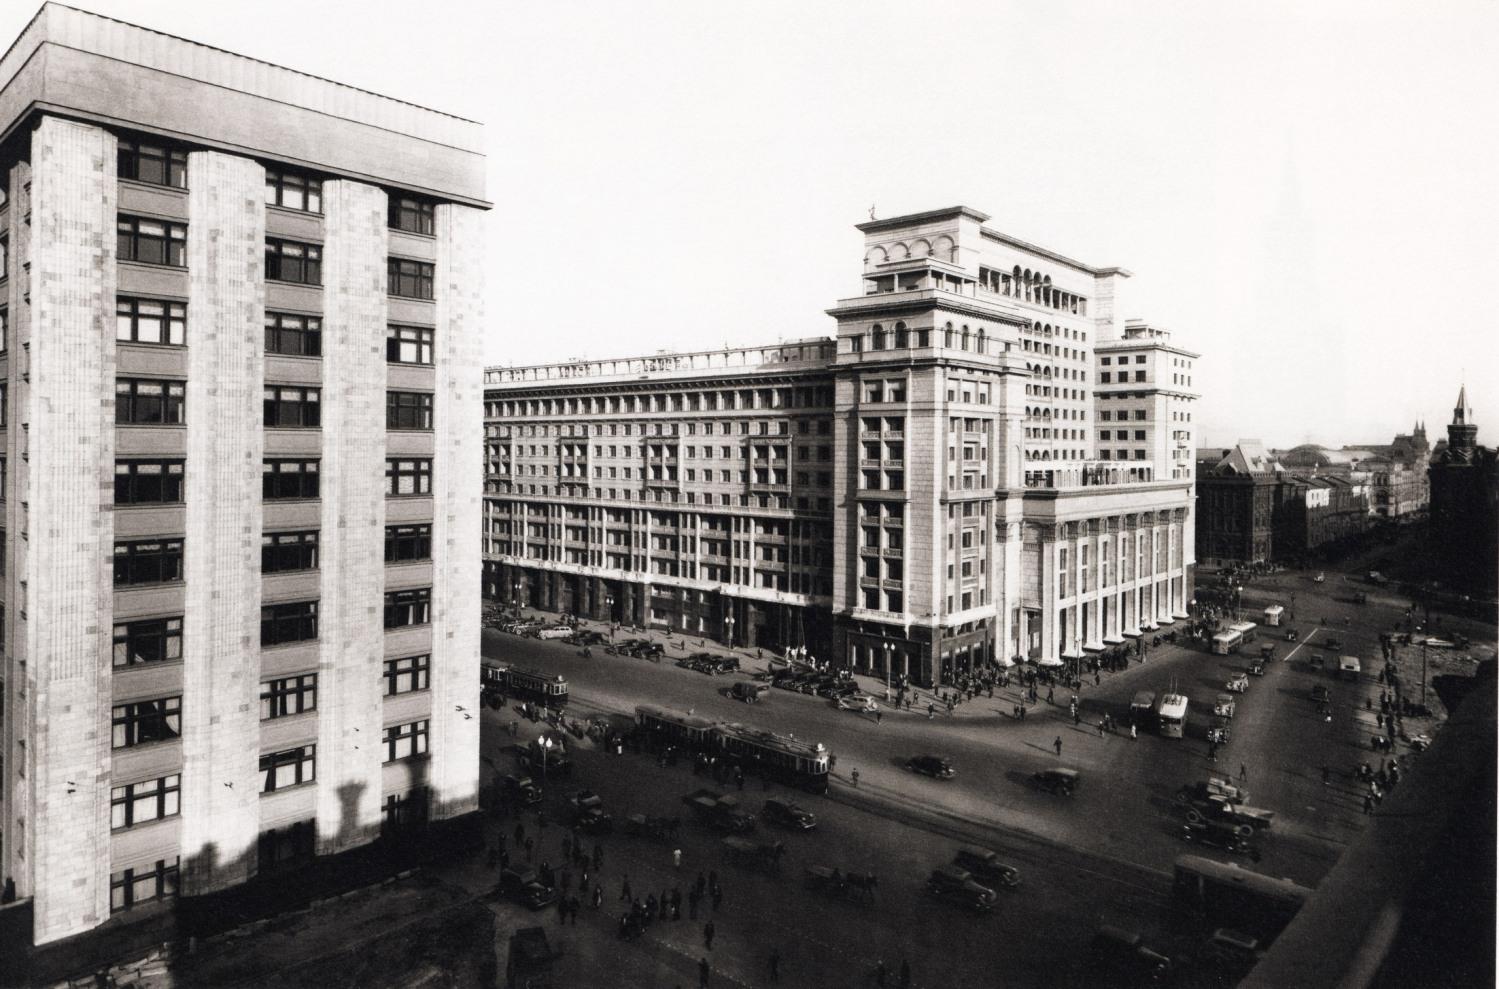 Гостиница Москва, 1938